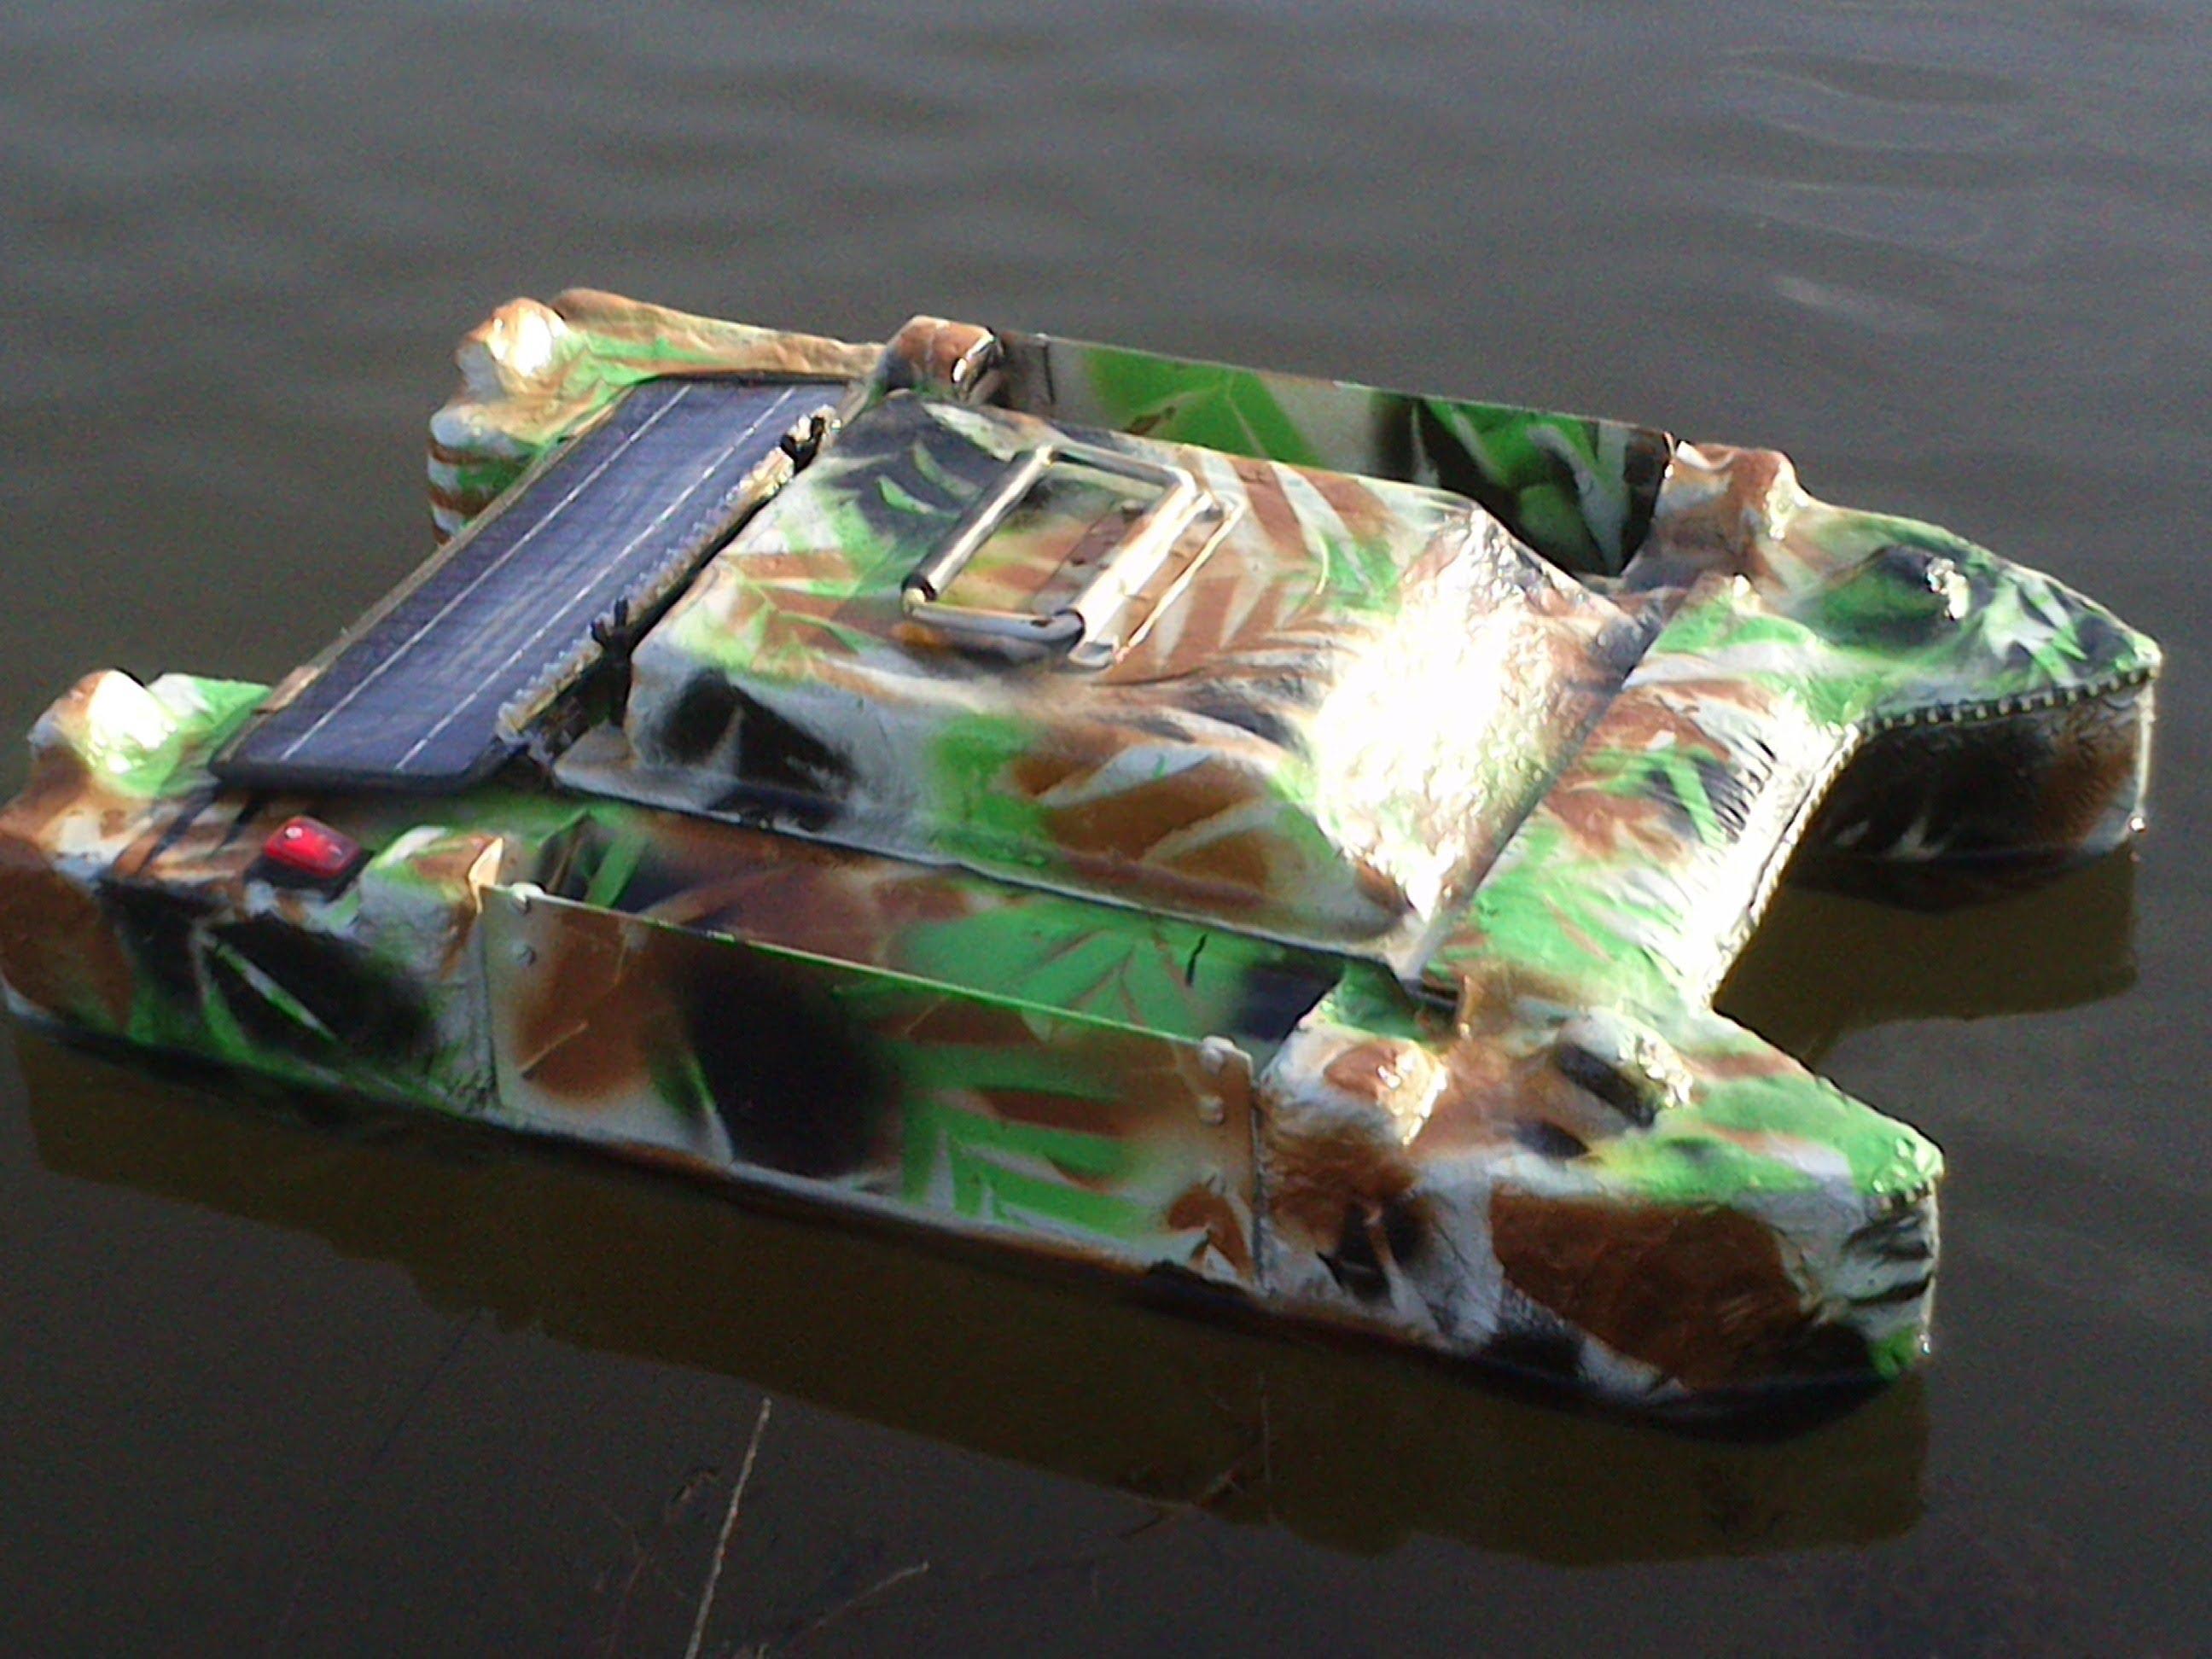 bateau amorceur maison resine